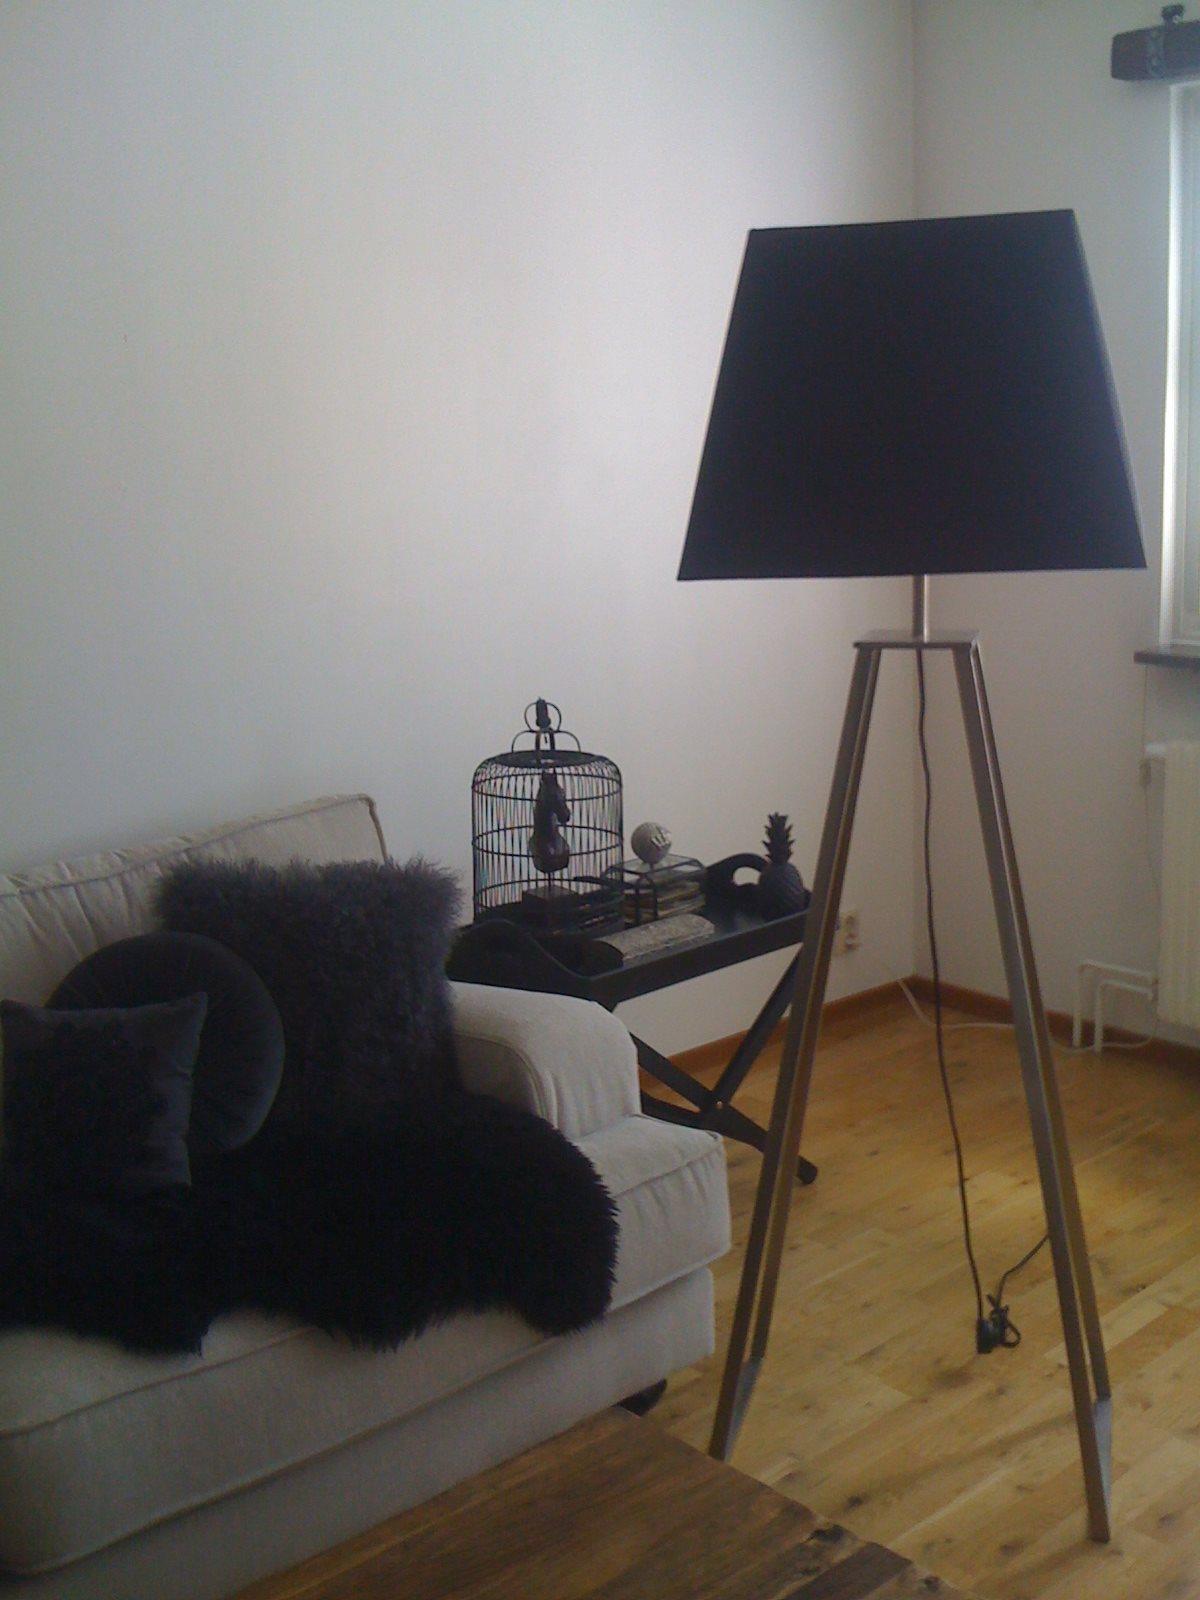 Stor Golvlampa Golvlampa Frn 3040talet Med Kobraformad Arm Och Stor Plisserad Lampskrm 160 Cm